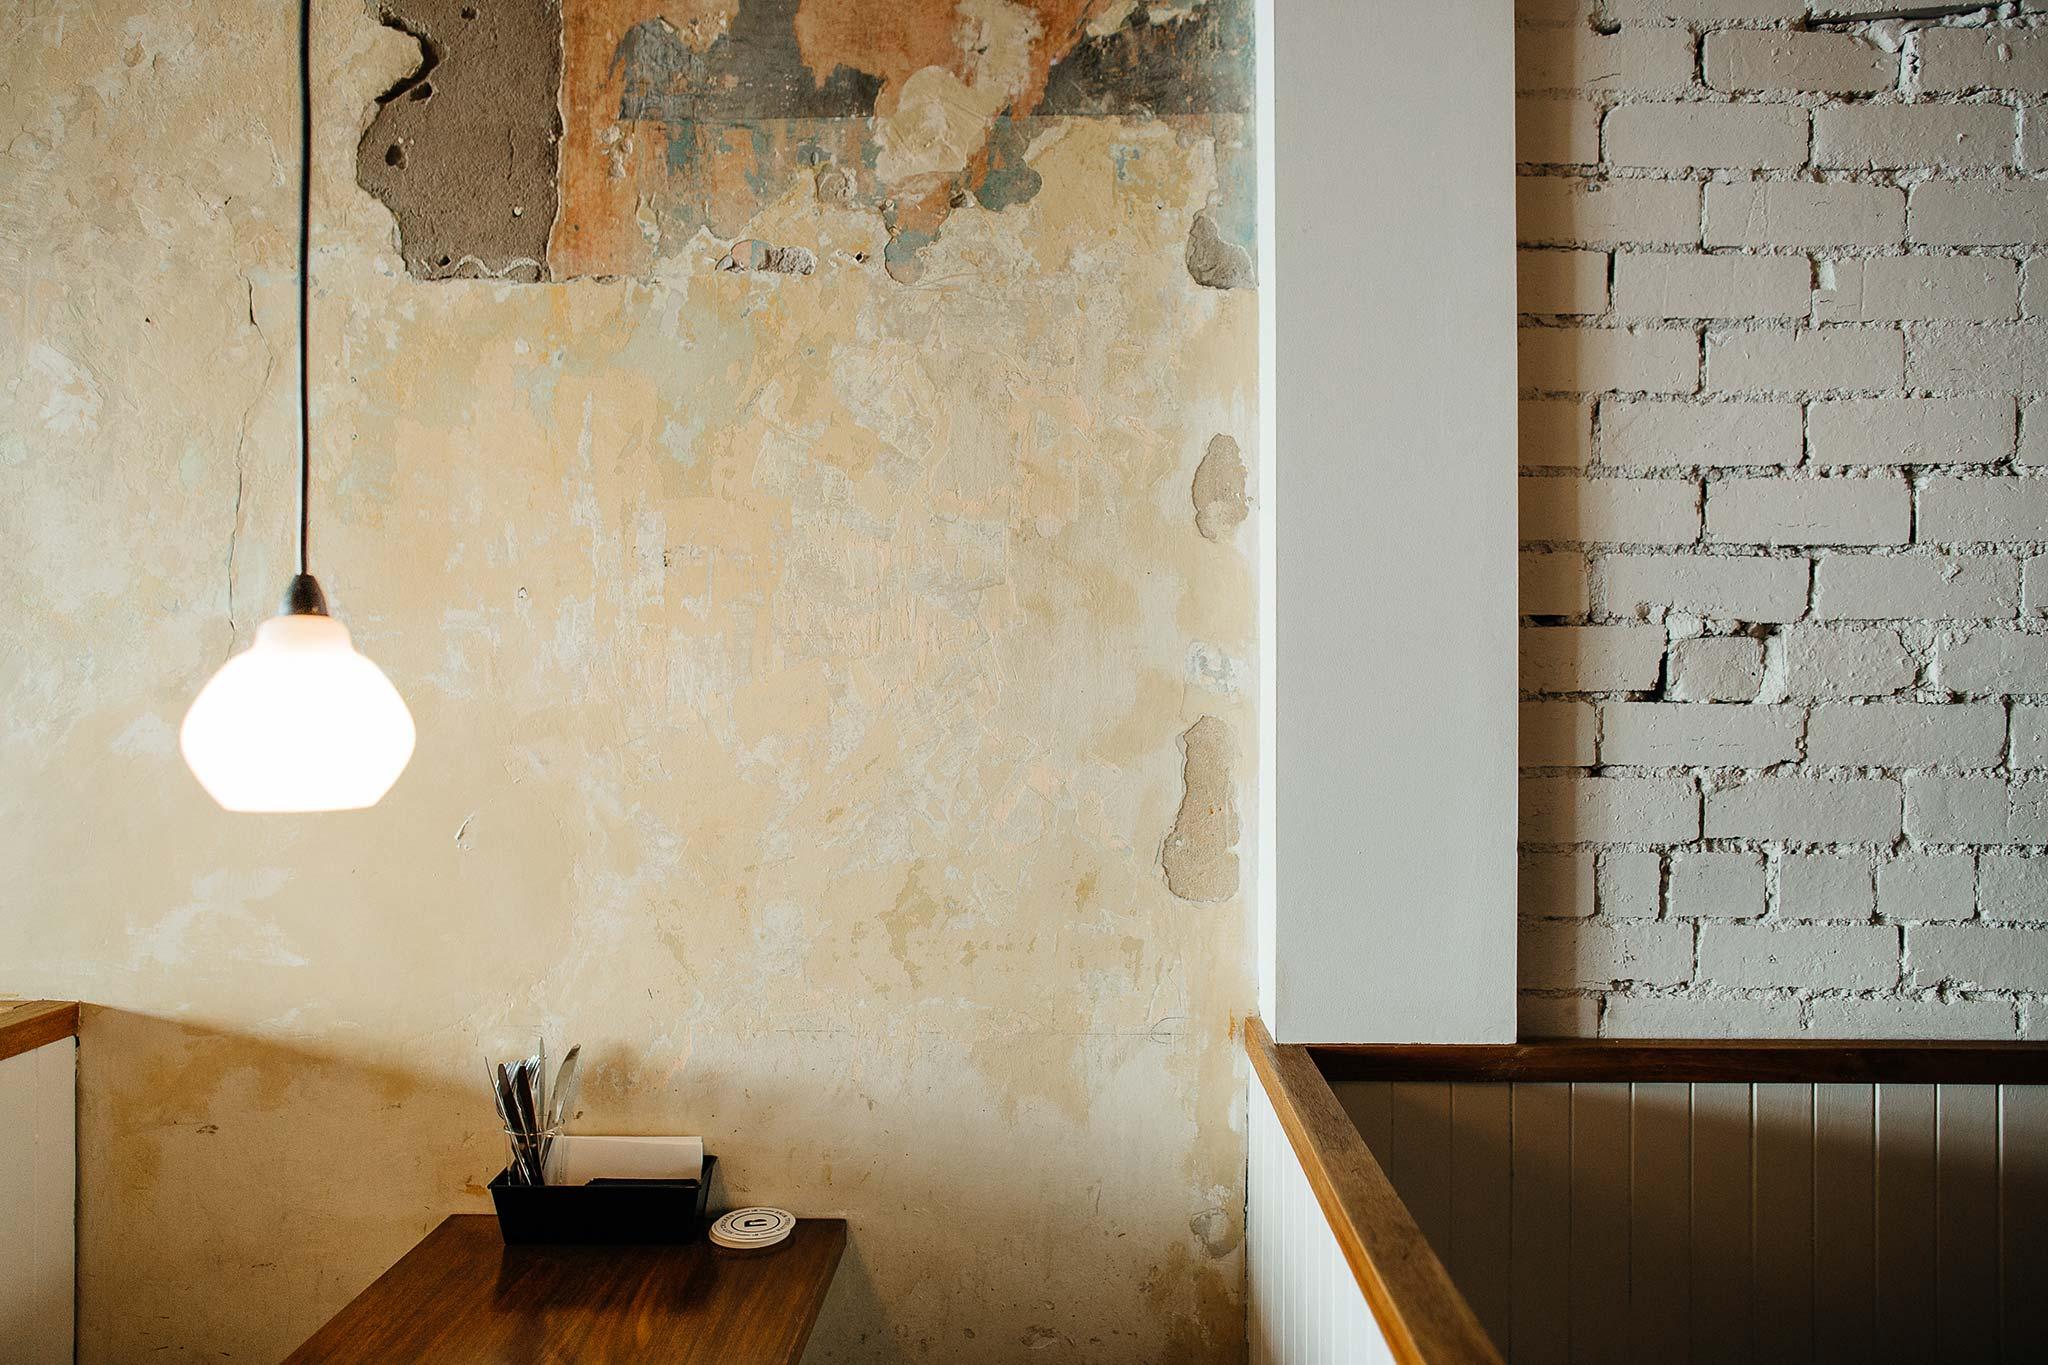 Belles-hot-chicken-windsor-wall-texture